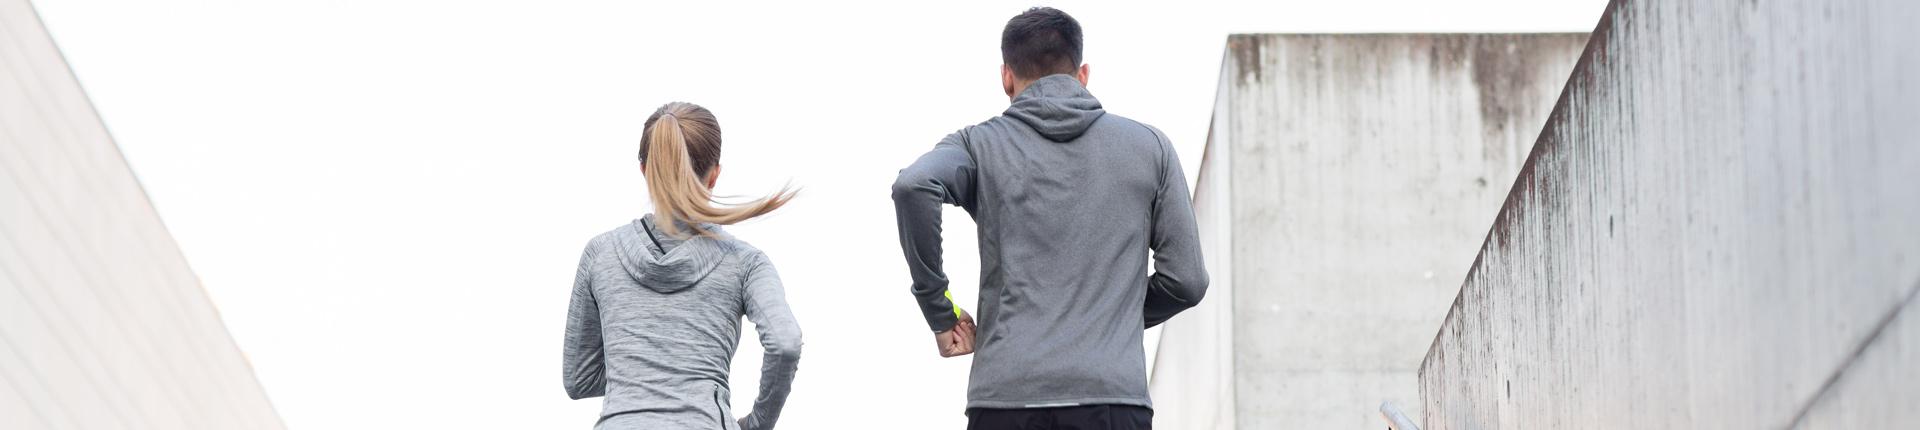 Najlepsze ćwiczenia siłowe dla biegaczy